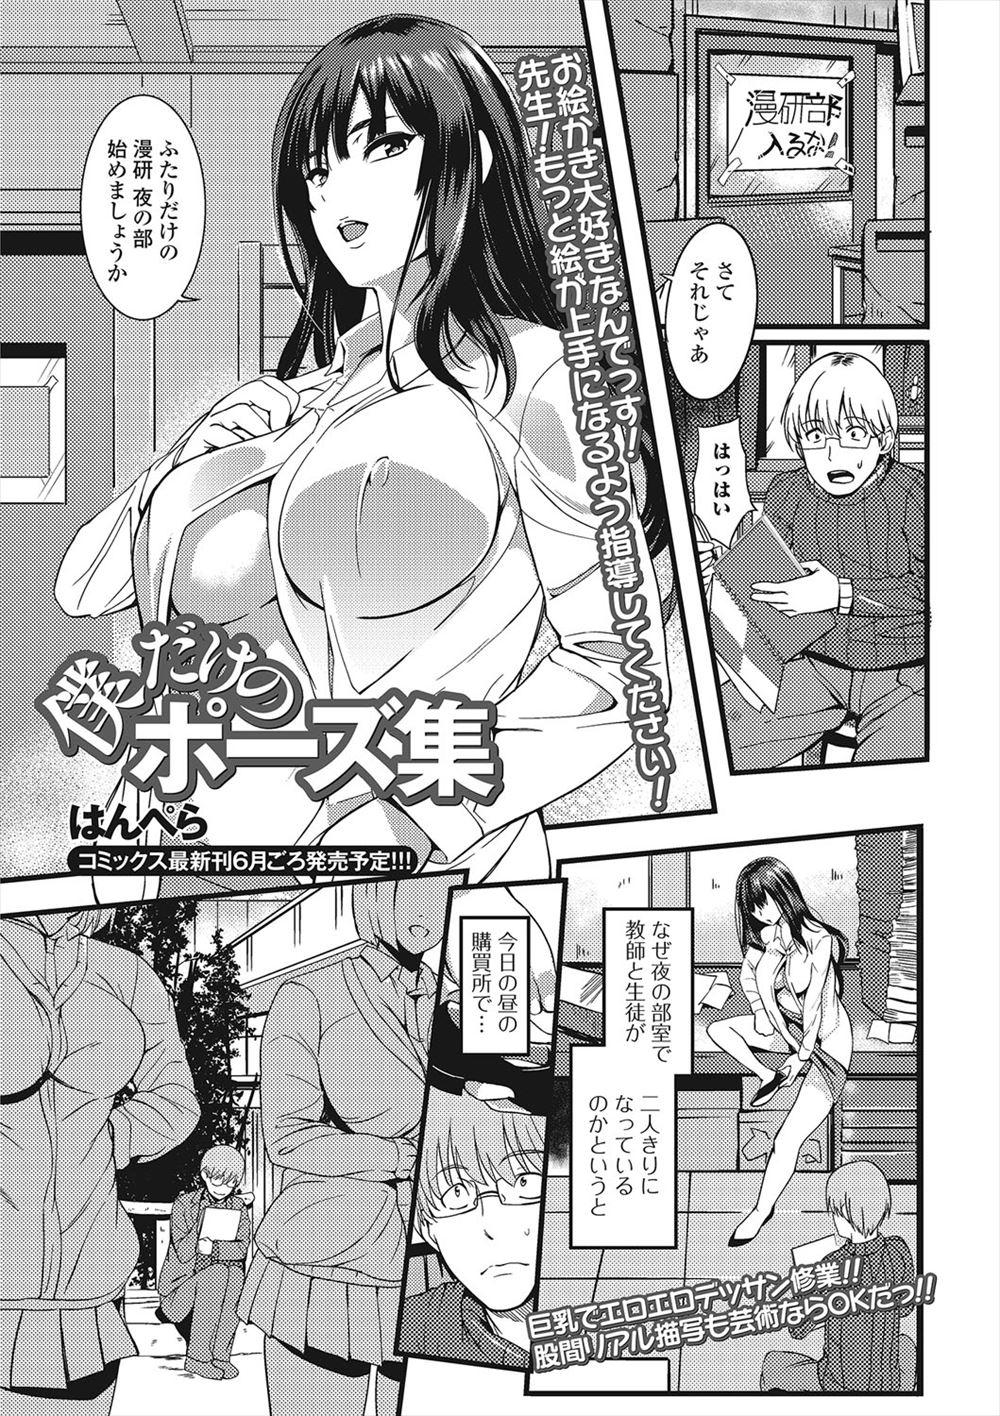 【エロ漫画】美人で巨乳の先生がデッサンのためにエロいポーズをとってくれる。エロすぎて我慢できずにセックス【はんぺら エロ同人】